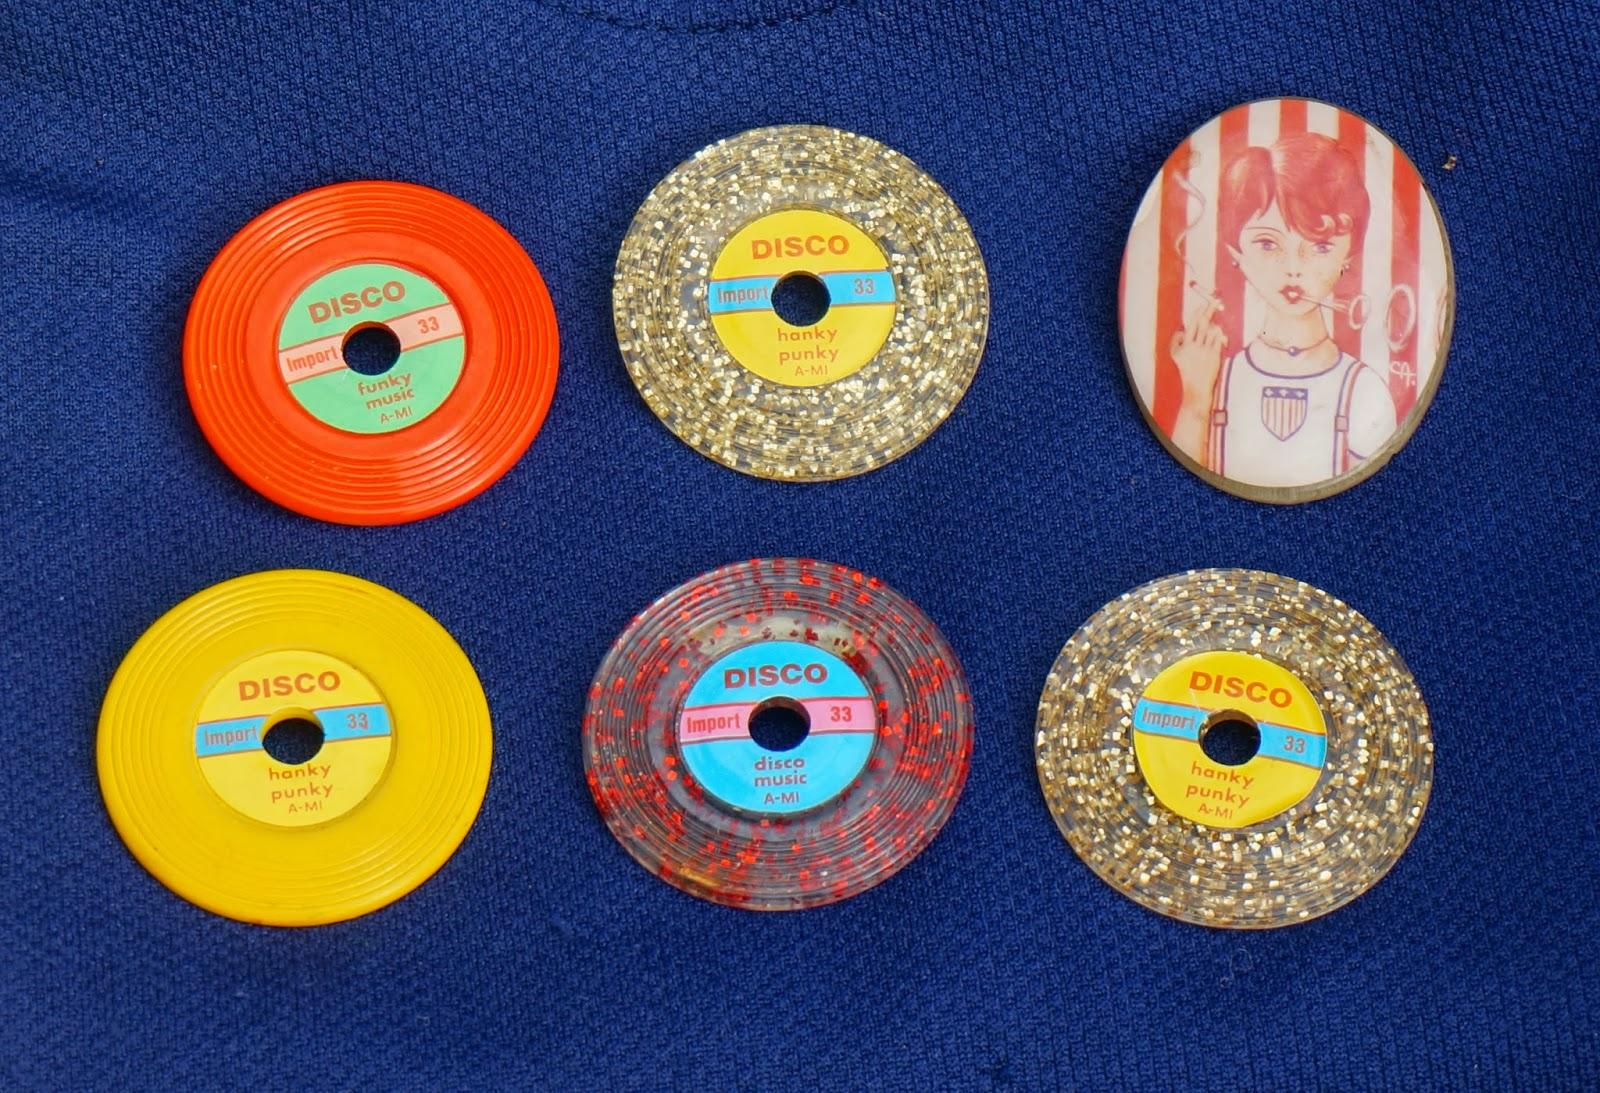 """du tissu 50s     un réveil 70s     deux tops 60s    vinyl record brooch  des magazines Elle de 1960     un sac bleu marine effet """"brogue""""     une robe avec surpiqures (mon vice ! )       des broches vintage """"disque vinyl"""" et """"Sarah Moon vs 1979""""     une balance Terraillon ...j'avais cassé la mienne et en avais justement besoin pour mon atelier """"résine""""  vintage mod annees 60 70 50 1950 1960 1970 pop kitsch twiggy atomic space age clock tee dress fabric mags bag handbag"""